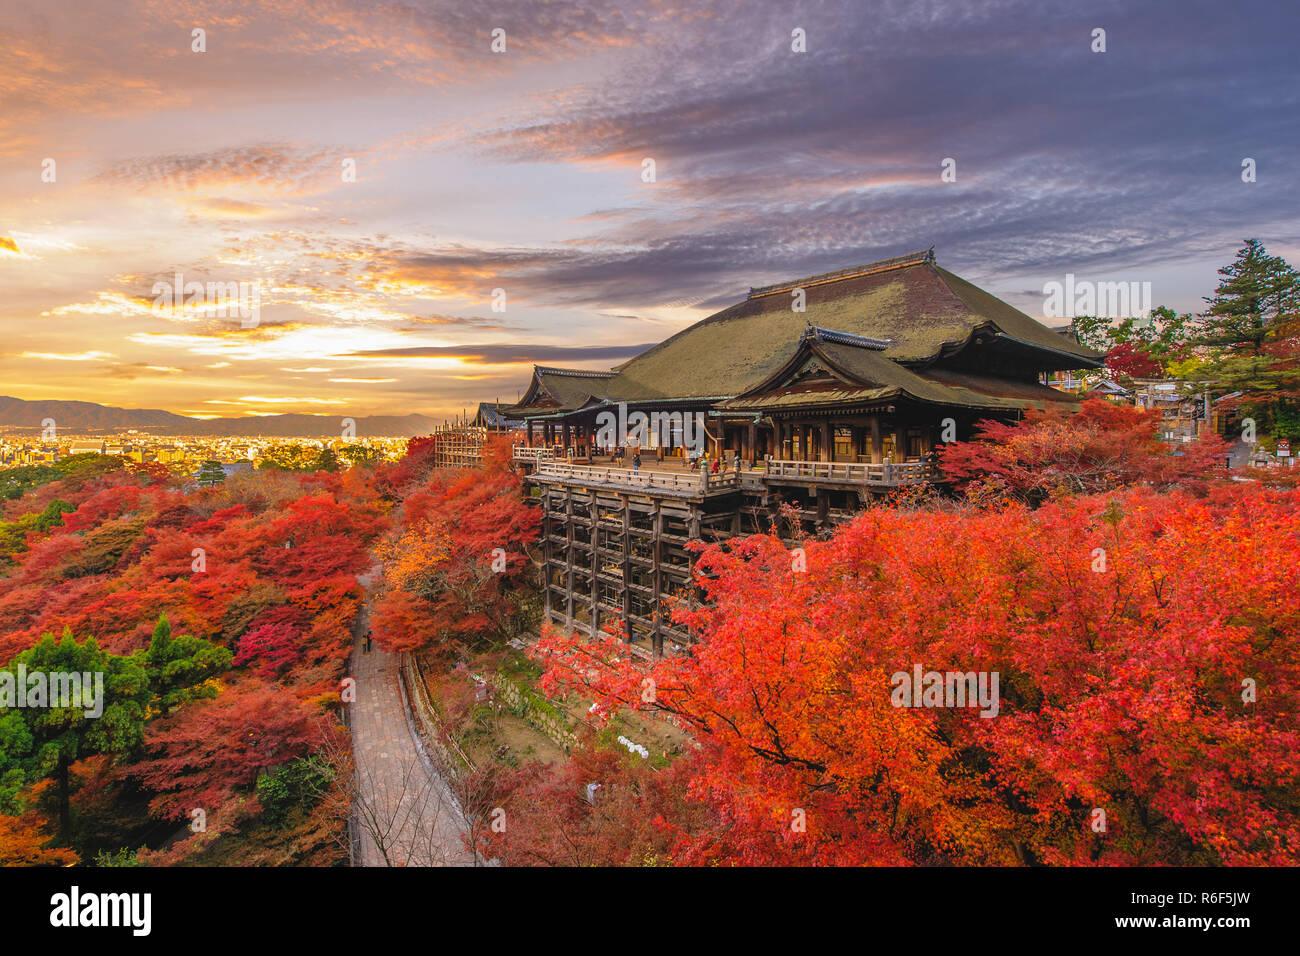 Kiyomizu-dera stage at kyoto, japan in autumn - Stock Image